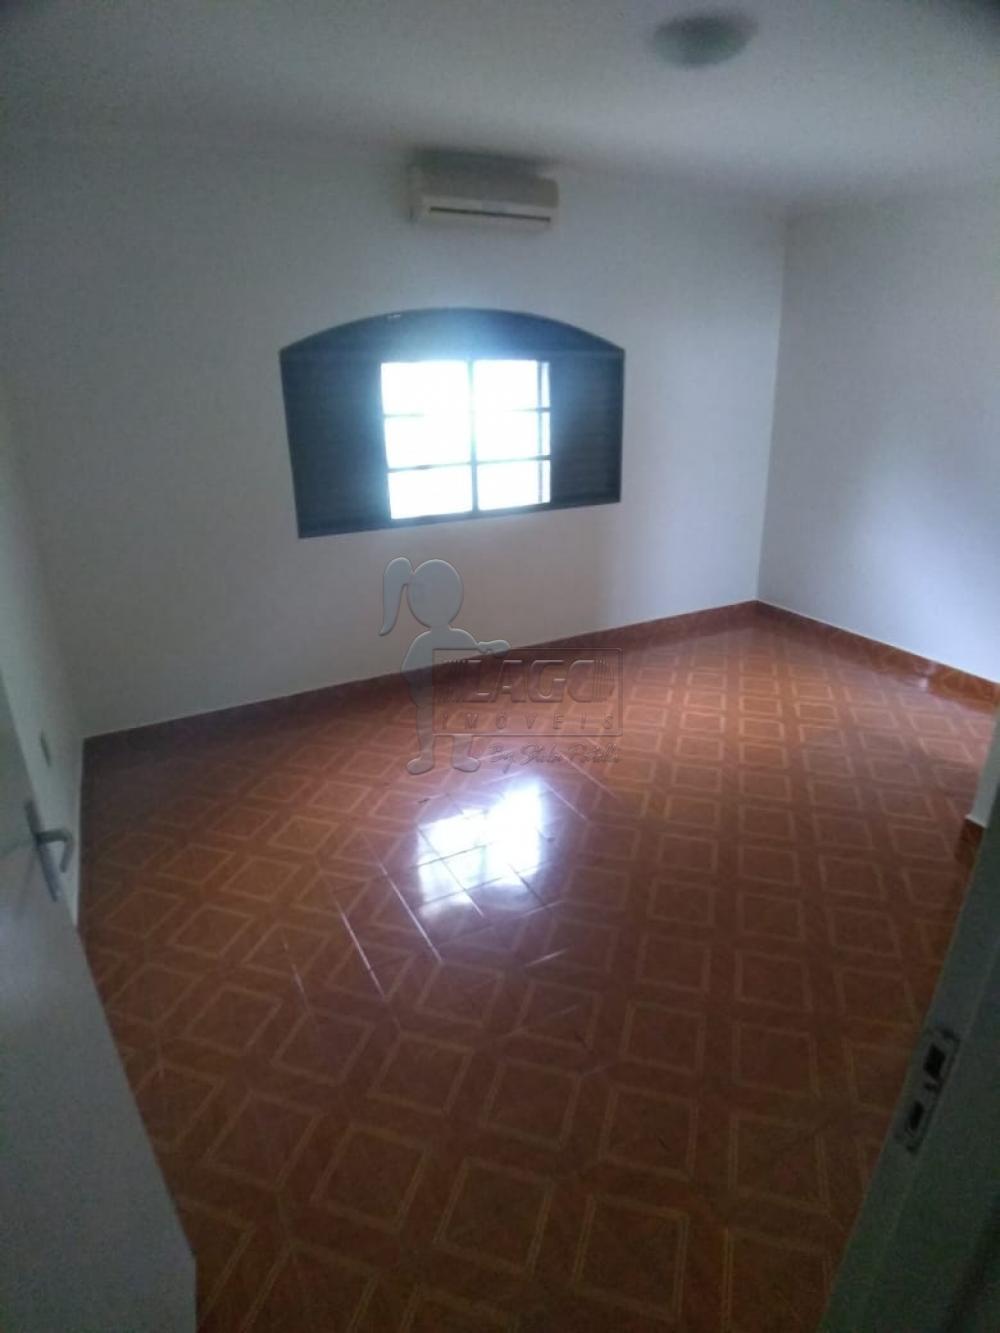 Comprar Casas / Padrão em Ribeirão Preto apenas R$ 335.000,00 - Foto 11